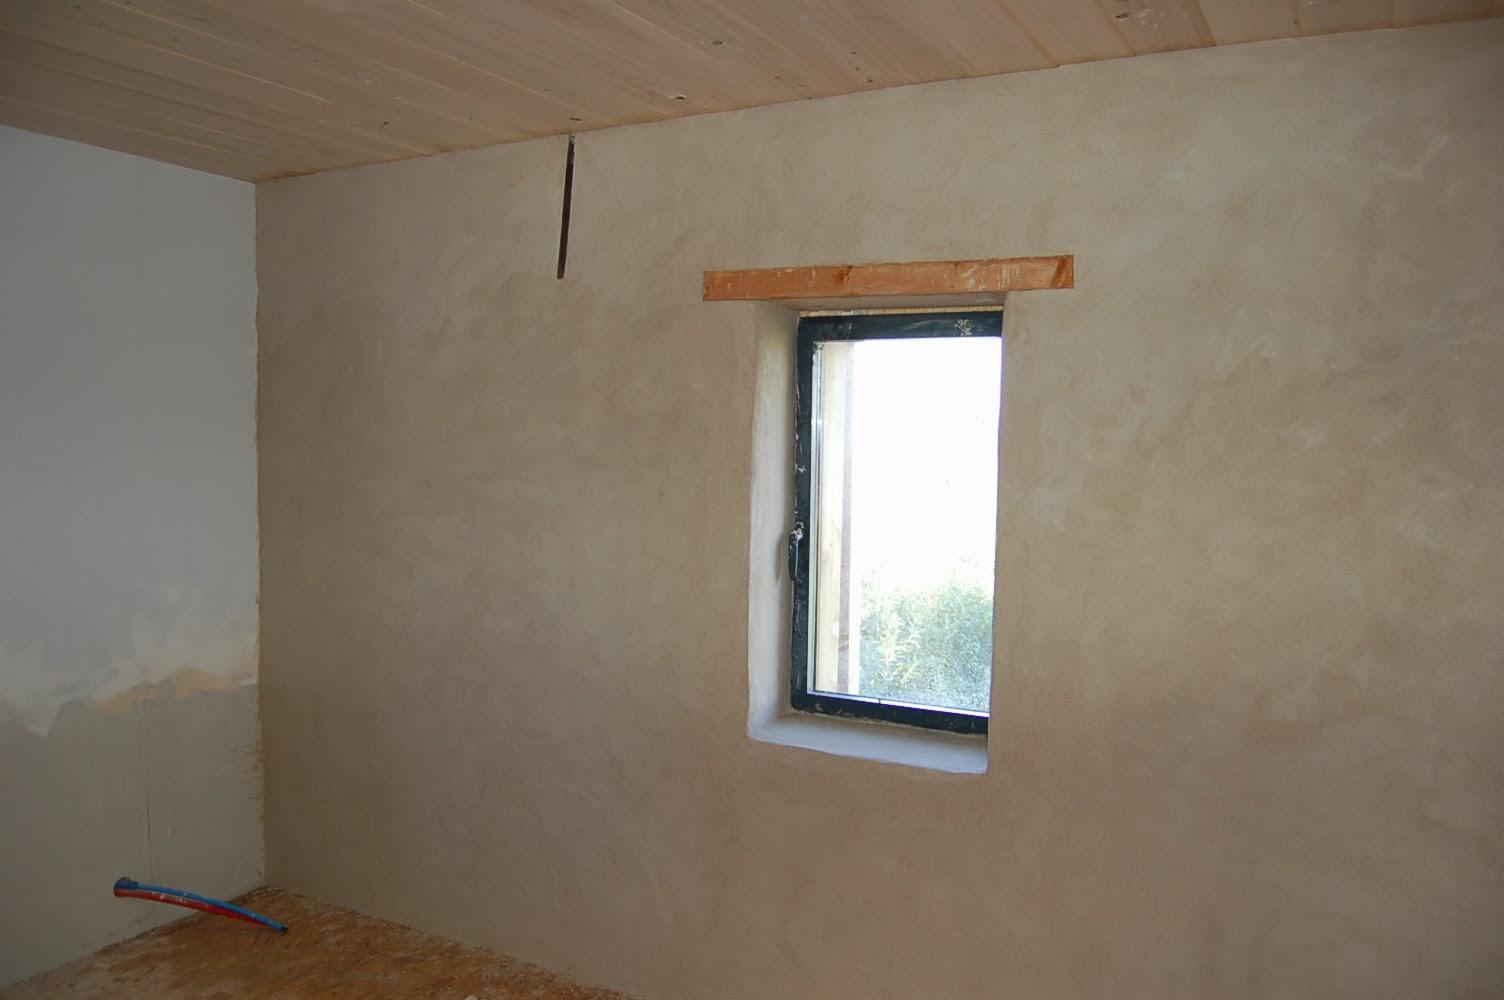 enduits de finition chaux sable. Black Bedroom Furniture Sets. Home Design Ideas